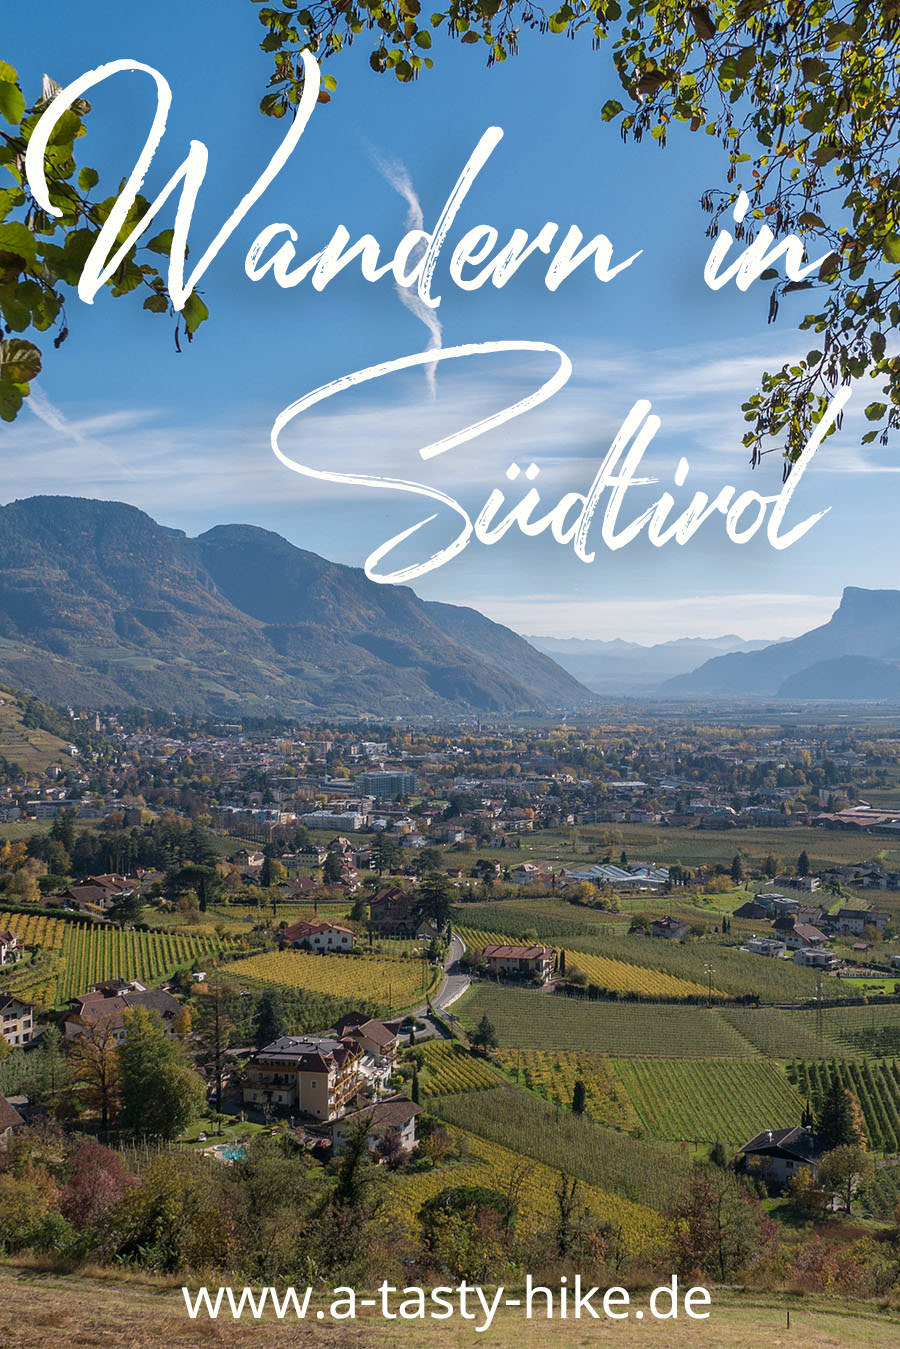 Südtirol Tipps: Der A Tasty Hike Guide zum Wandern in Südtirol mit allen unseren Wanderungen